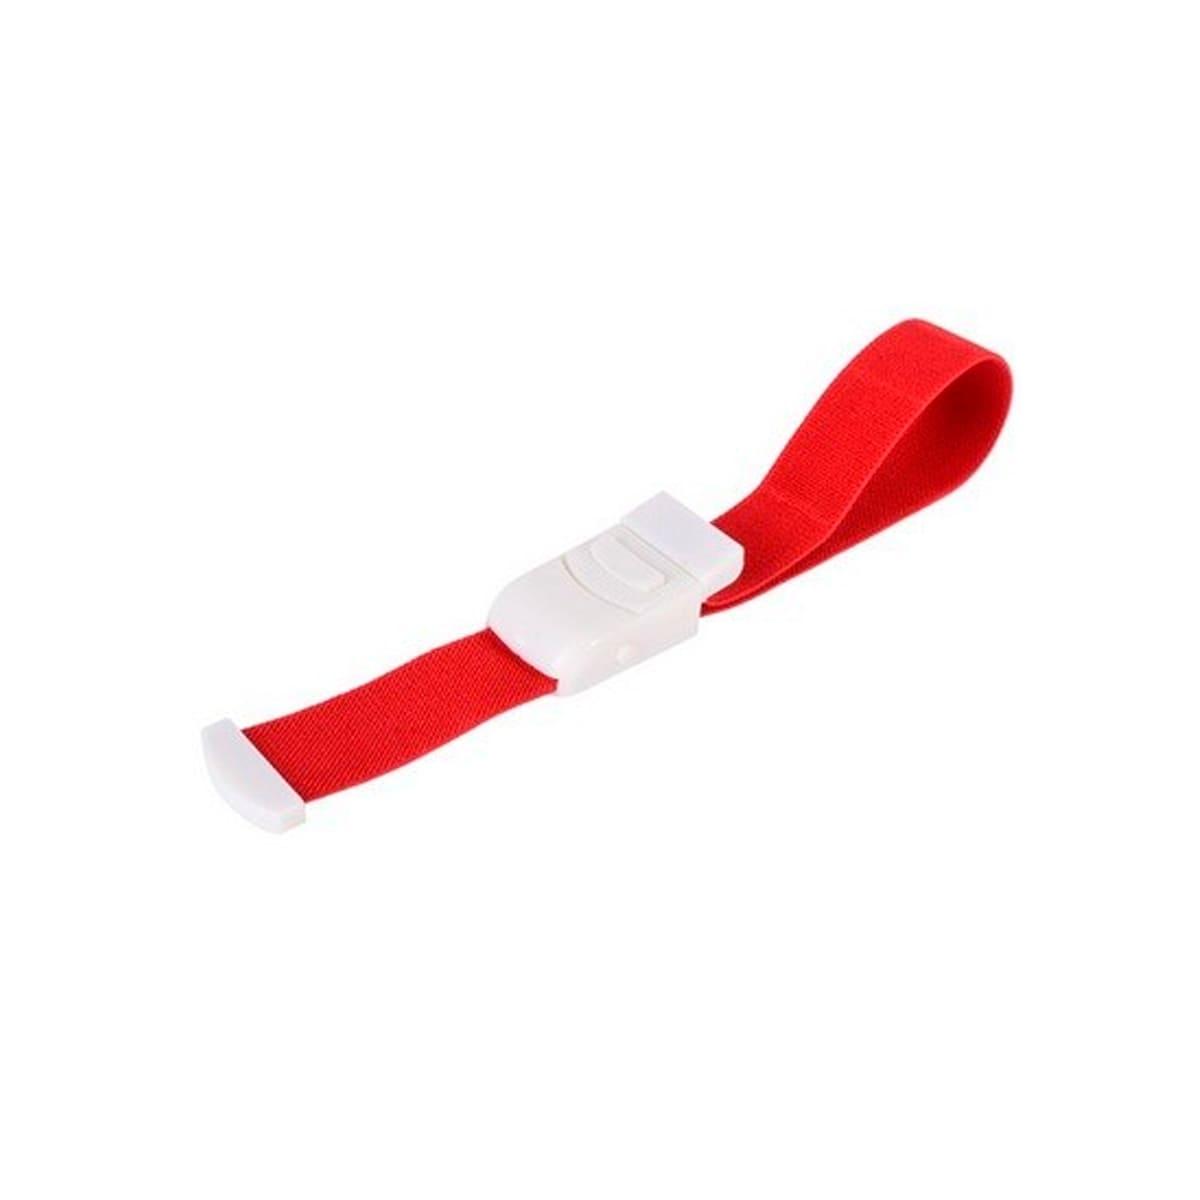 Garrote de Presilha - vermelho